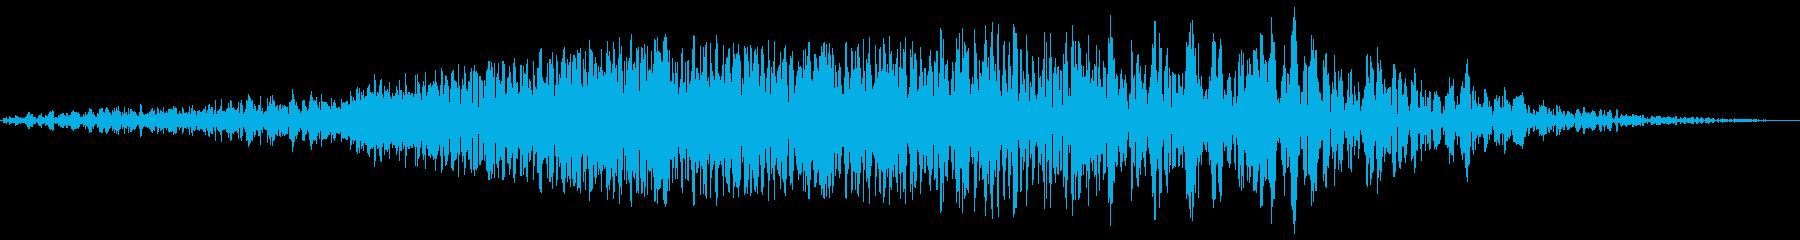 飛行物体の通過シーン(重量感)の再生済みの波形